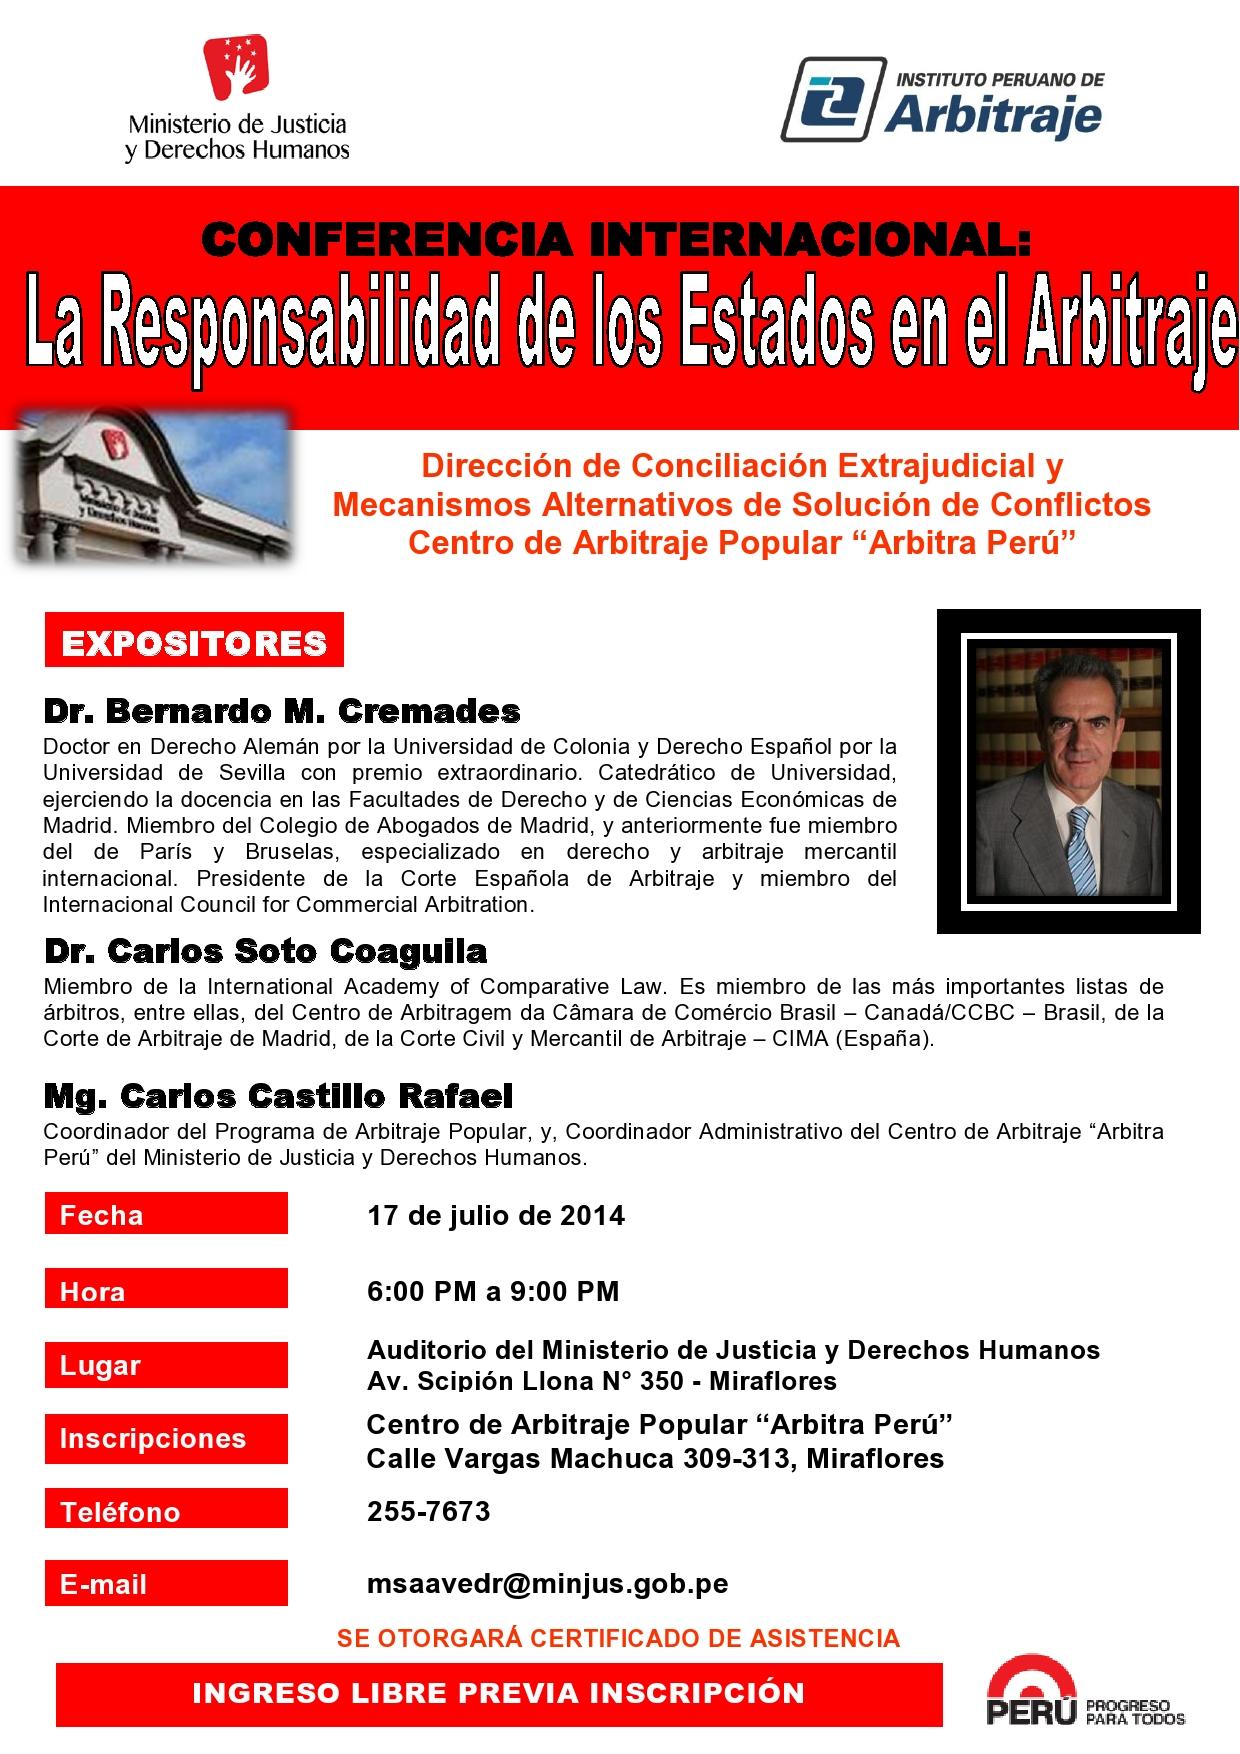 20140712-banner_conferencia_internacional-17_de_julio-page0001.jpg